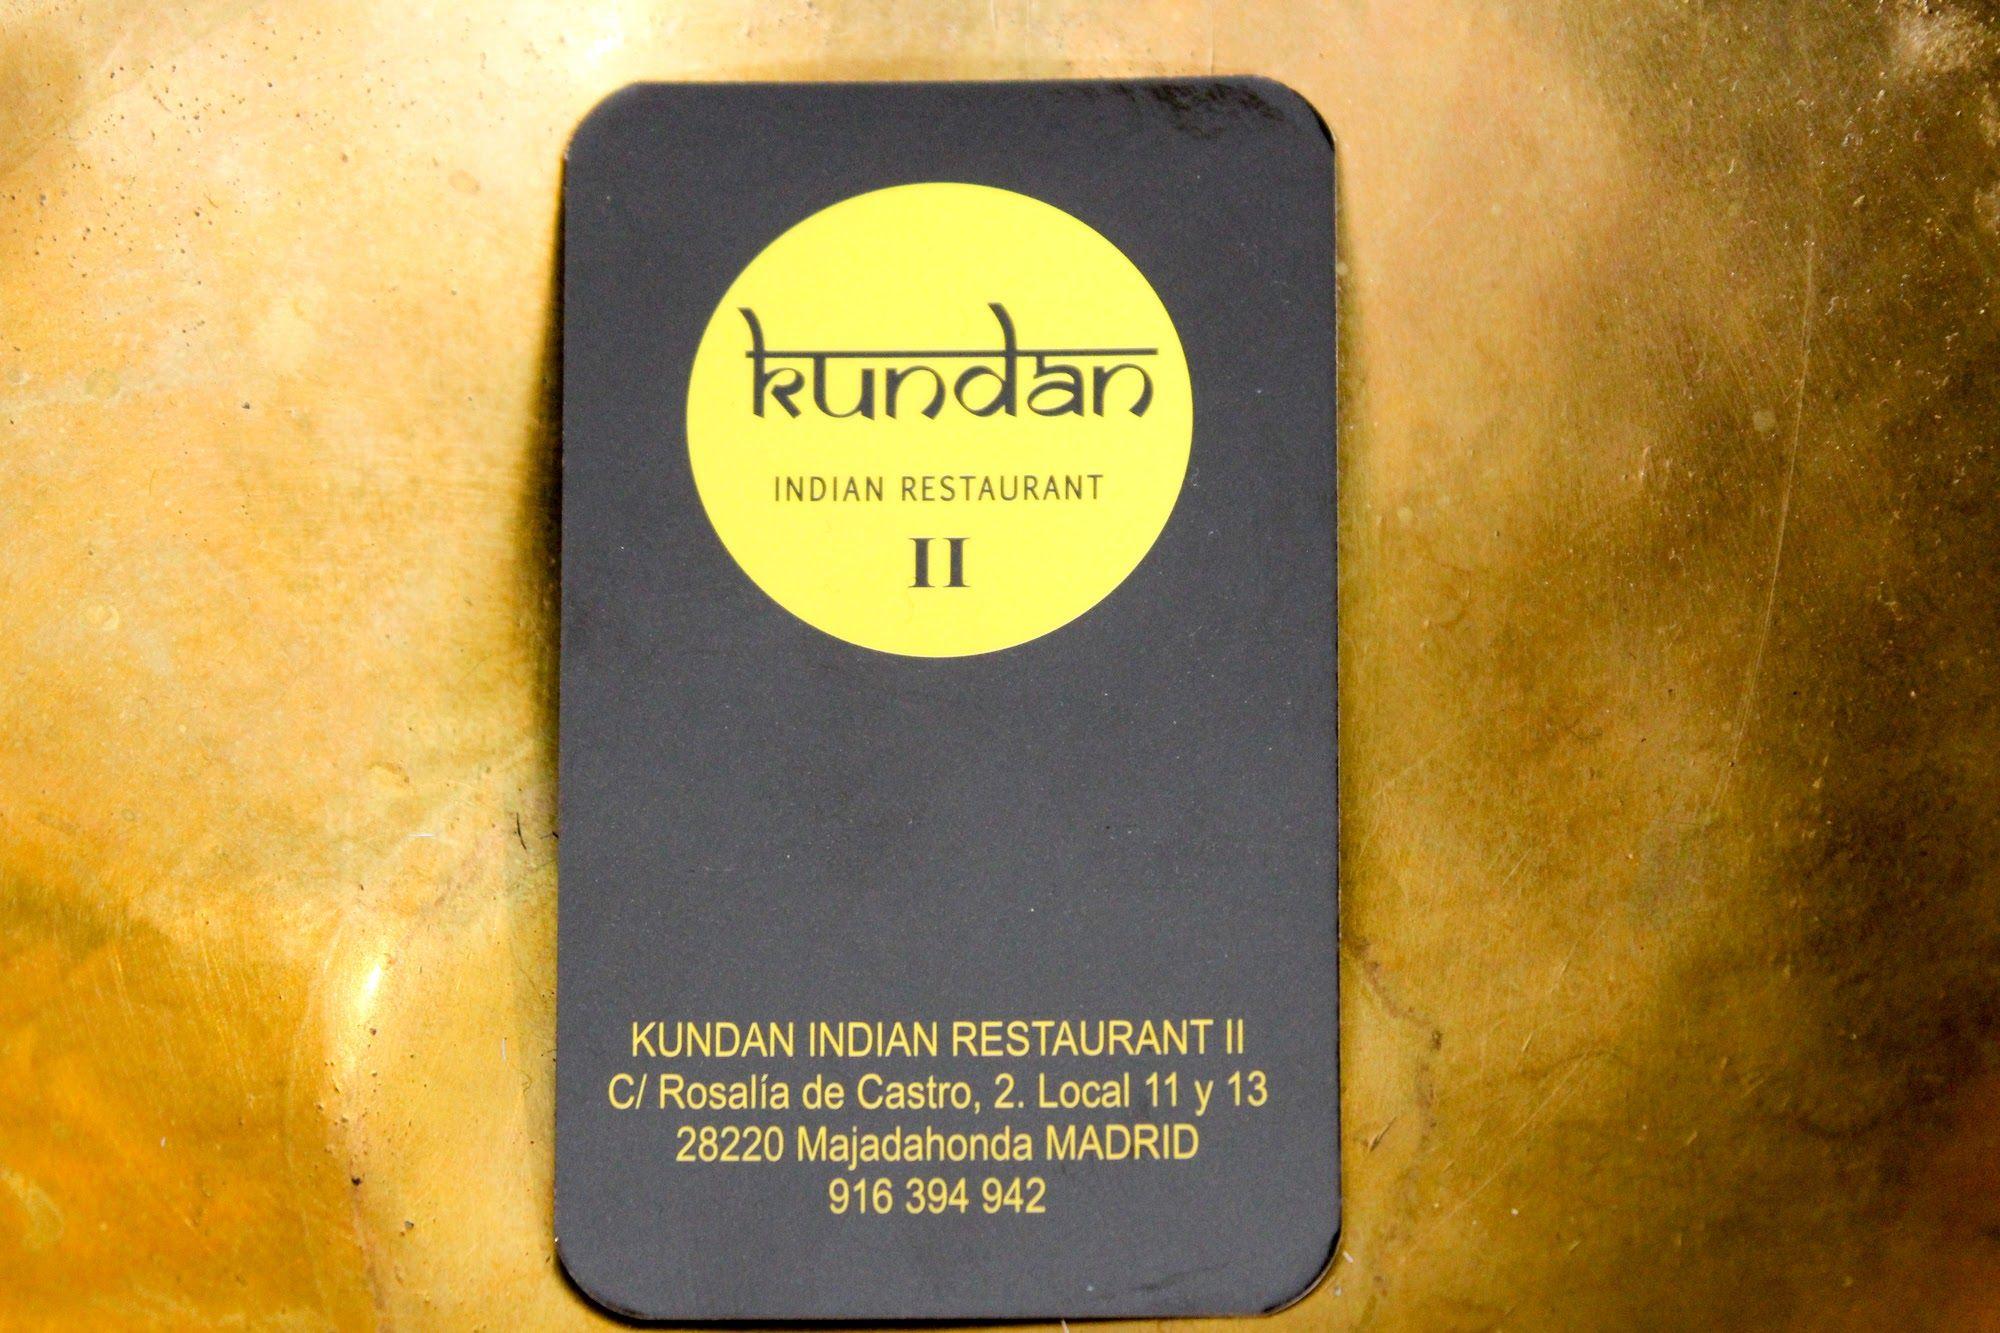 Foto 2 de Amplia variedad de platos de cocina india en Majadahonda | Kundan II